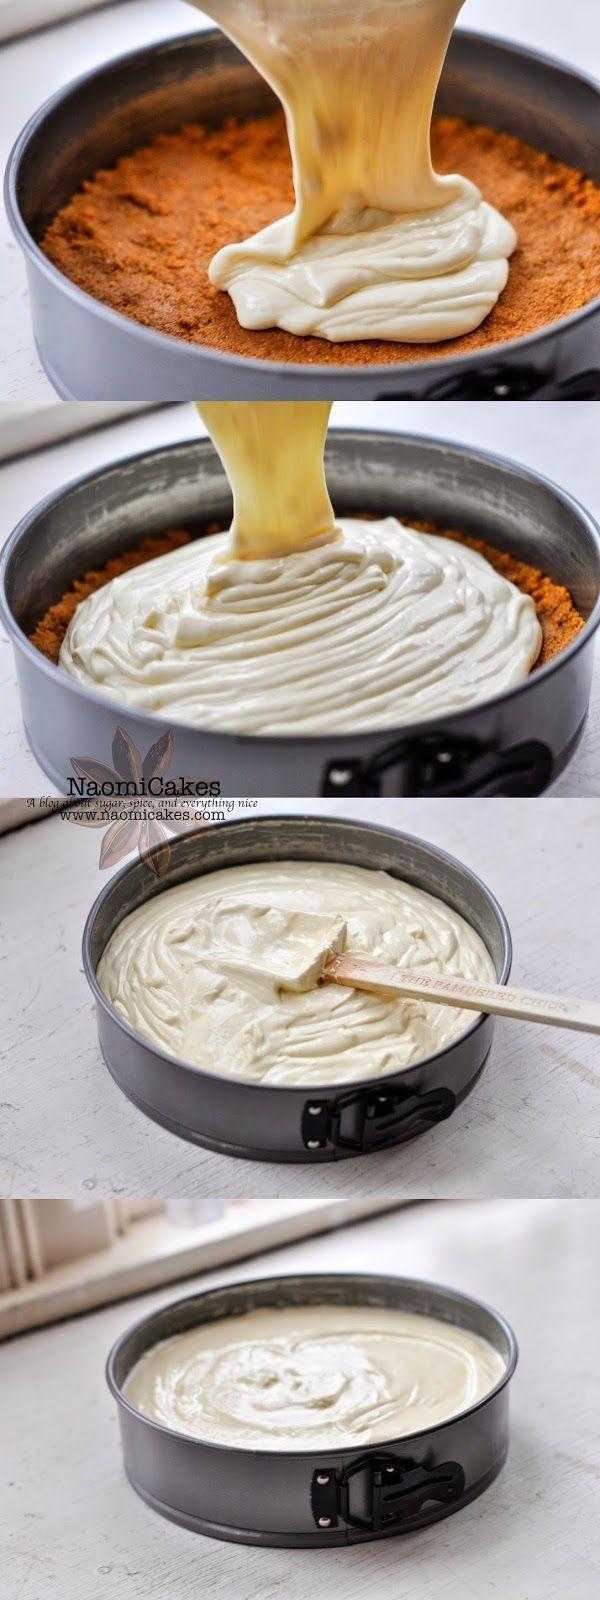 Easy Homemade Cheesecake [Recipe]